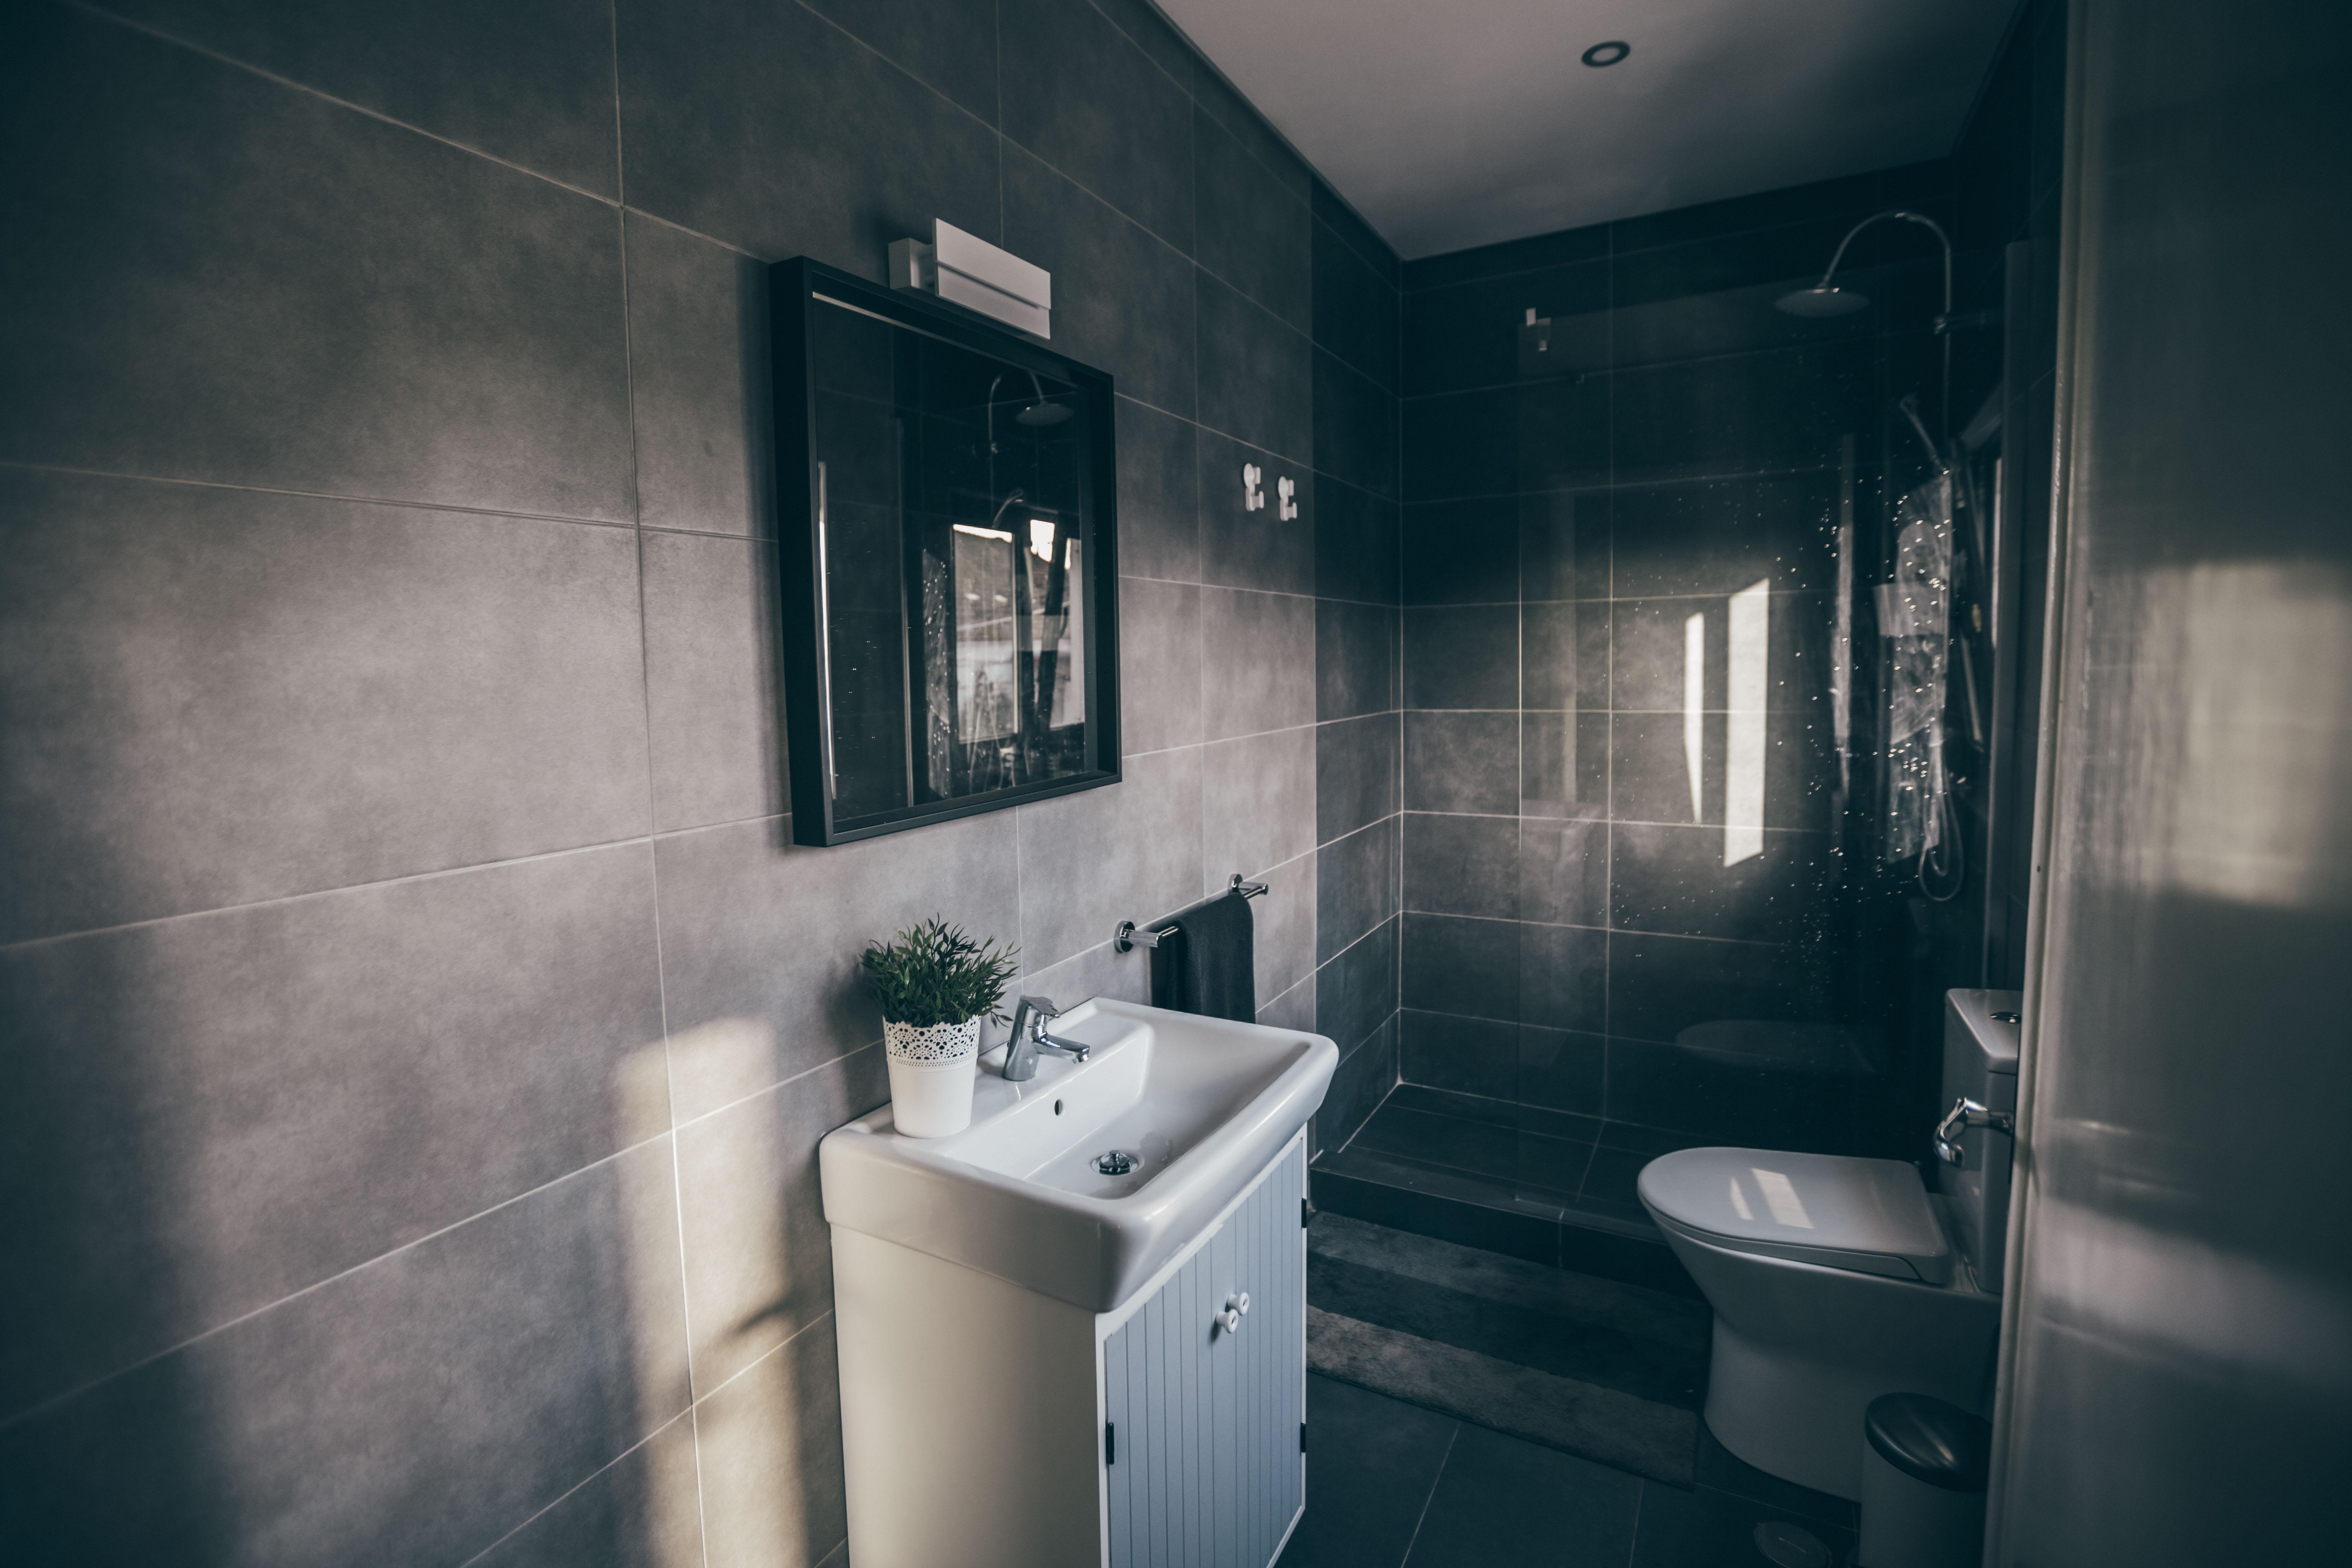 WC w/ shower